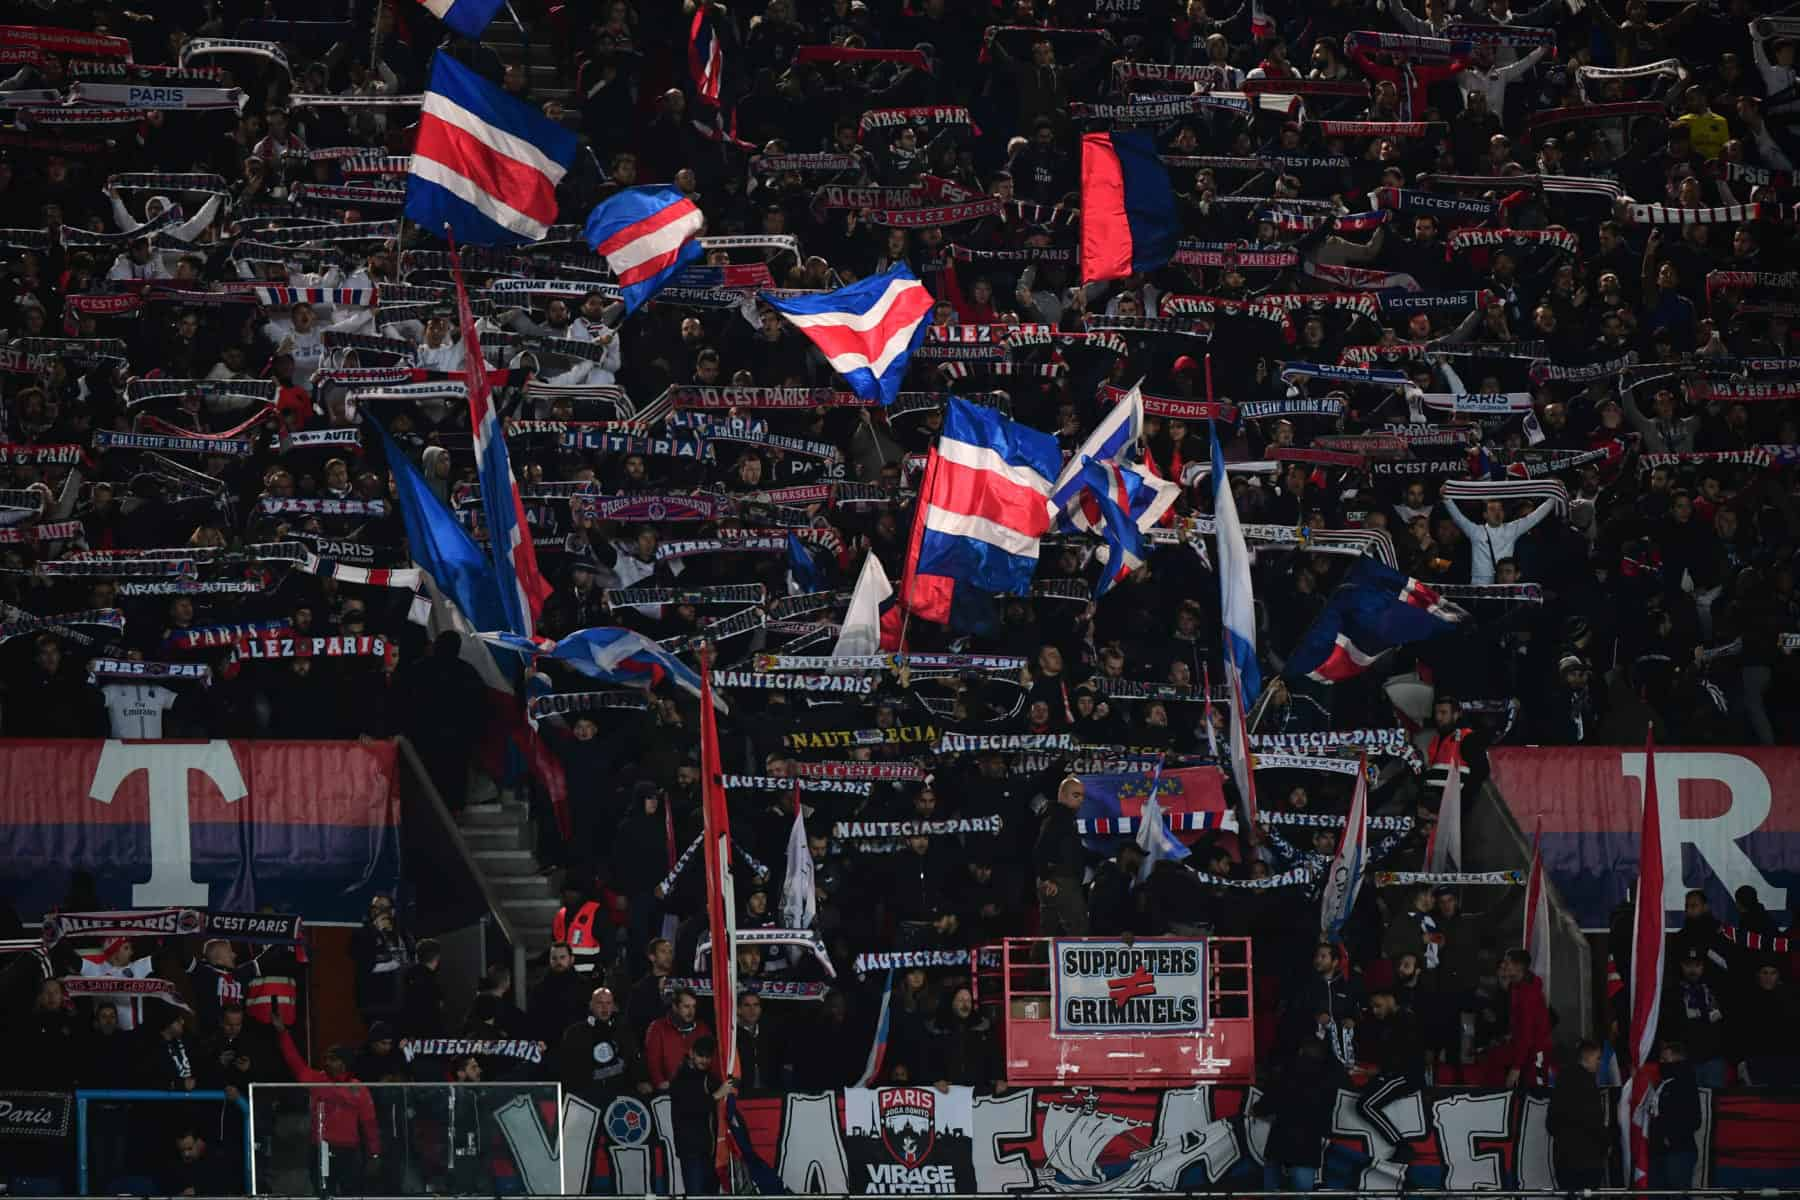 Concert de Jul : des supporters du PSG attaquent des fans de l'OM